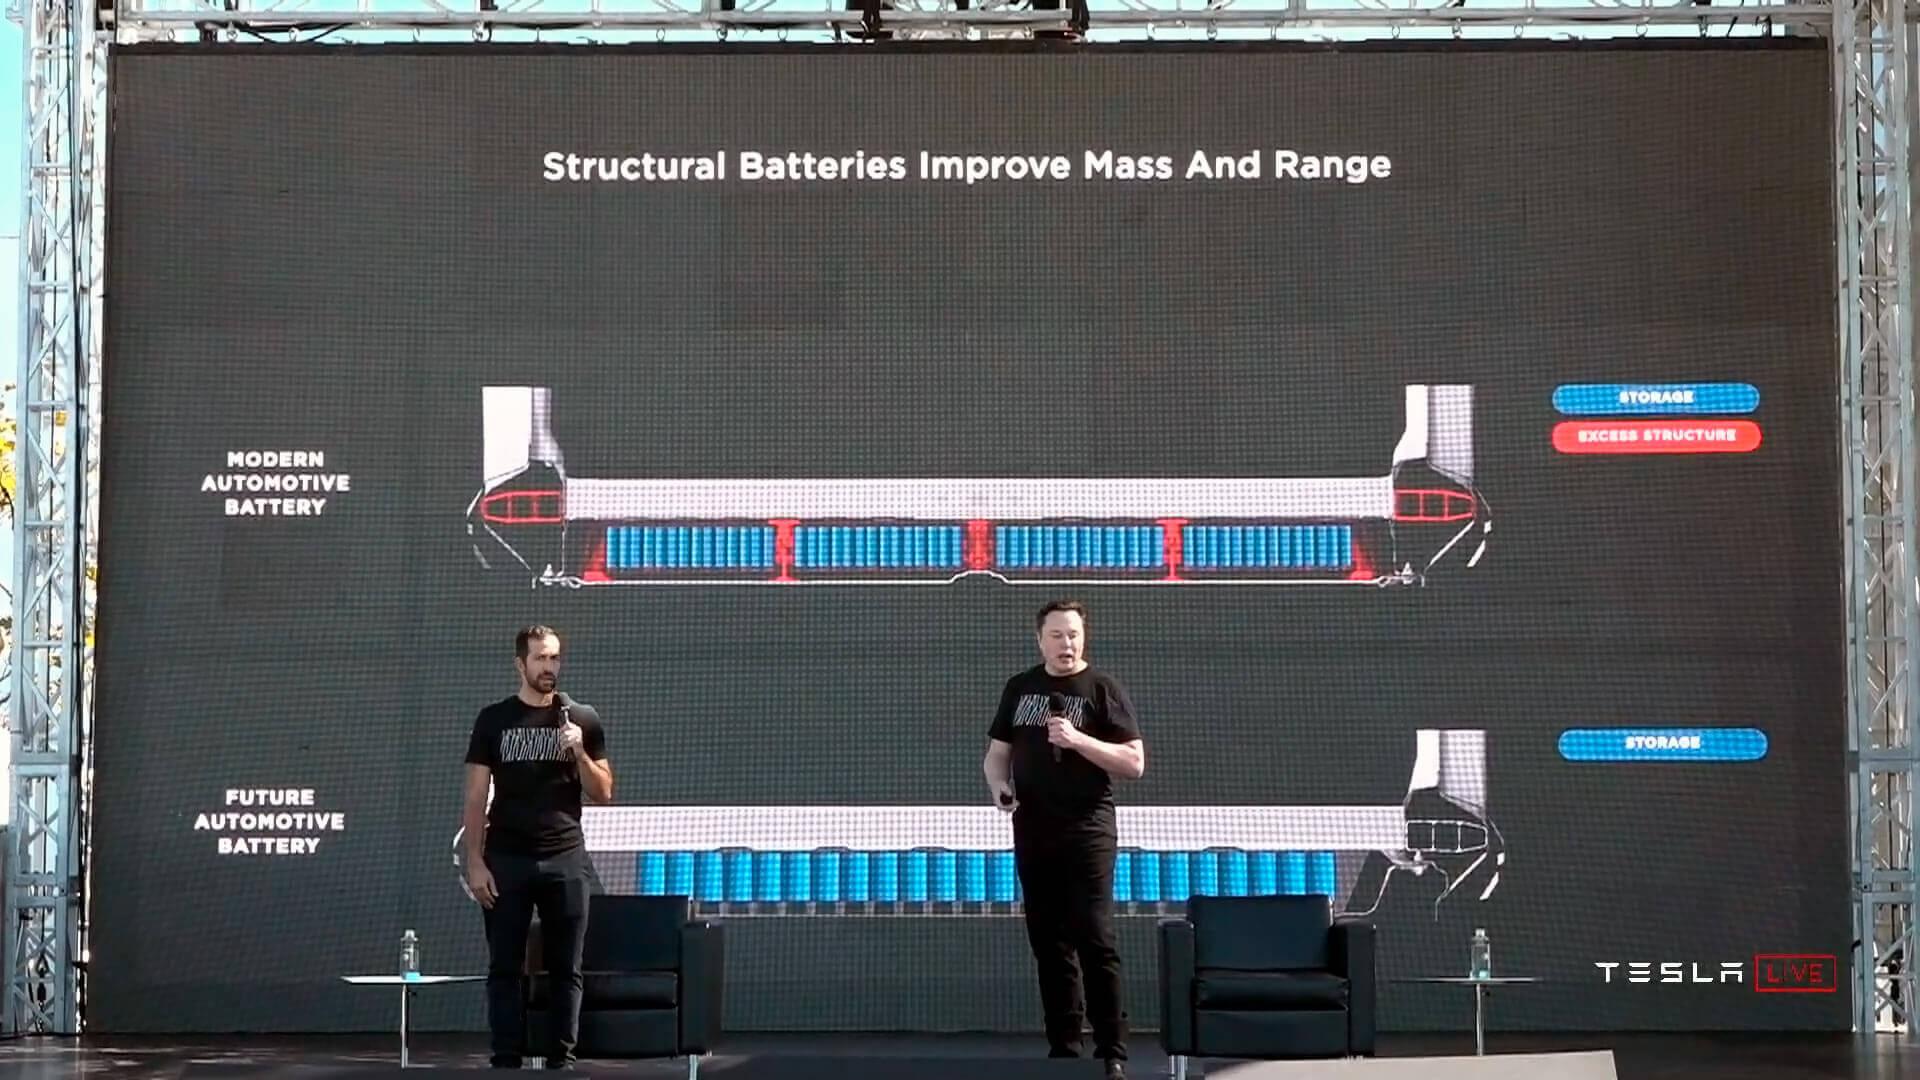 Tesla предложит новую архитектуру расположения батарей в электромобилях